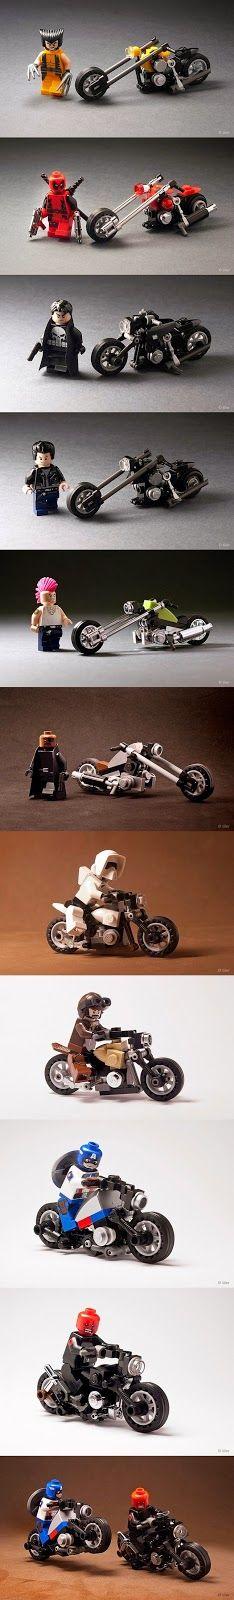 Jugueterias Daisy: LEGO Motos Heroes Marvel - Jugueterias Daisy http://eshops.mercadolibre.com.ar/jugueteriasdaysi/